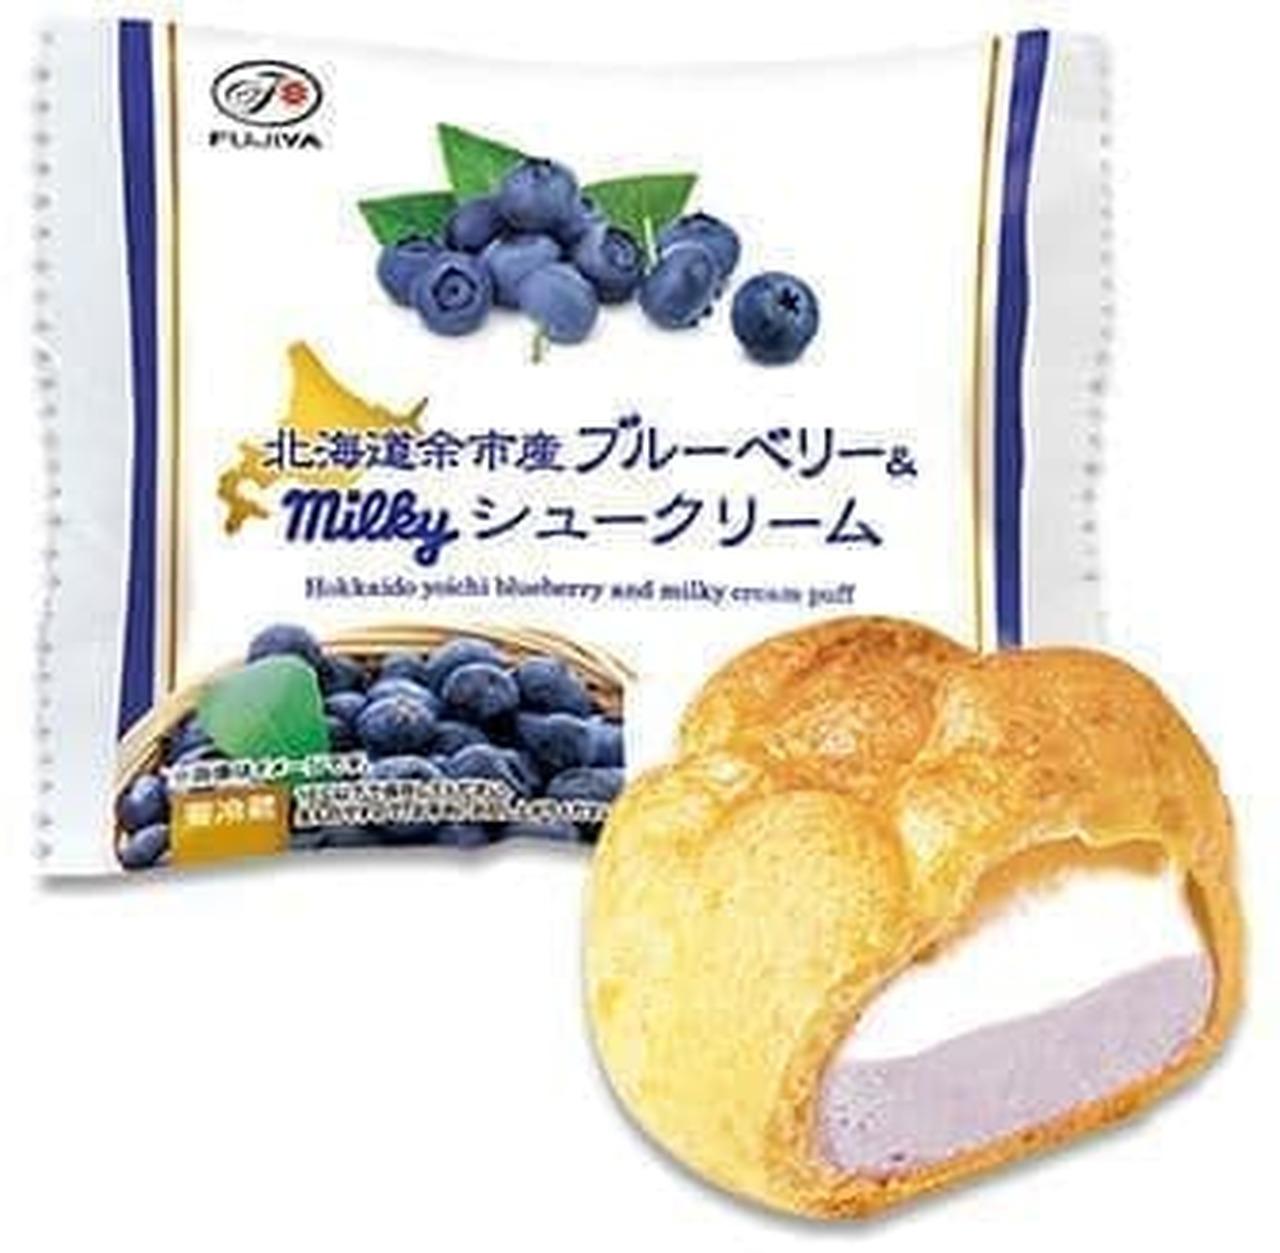 不二家洋菓子店「北海道余市産ブルーベリー&ミルキーシュークリーム」